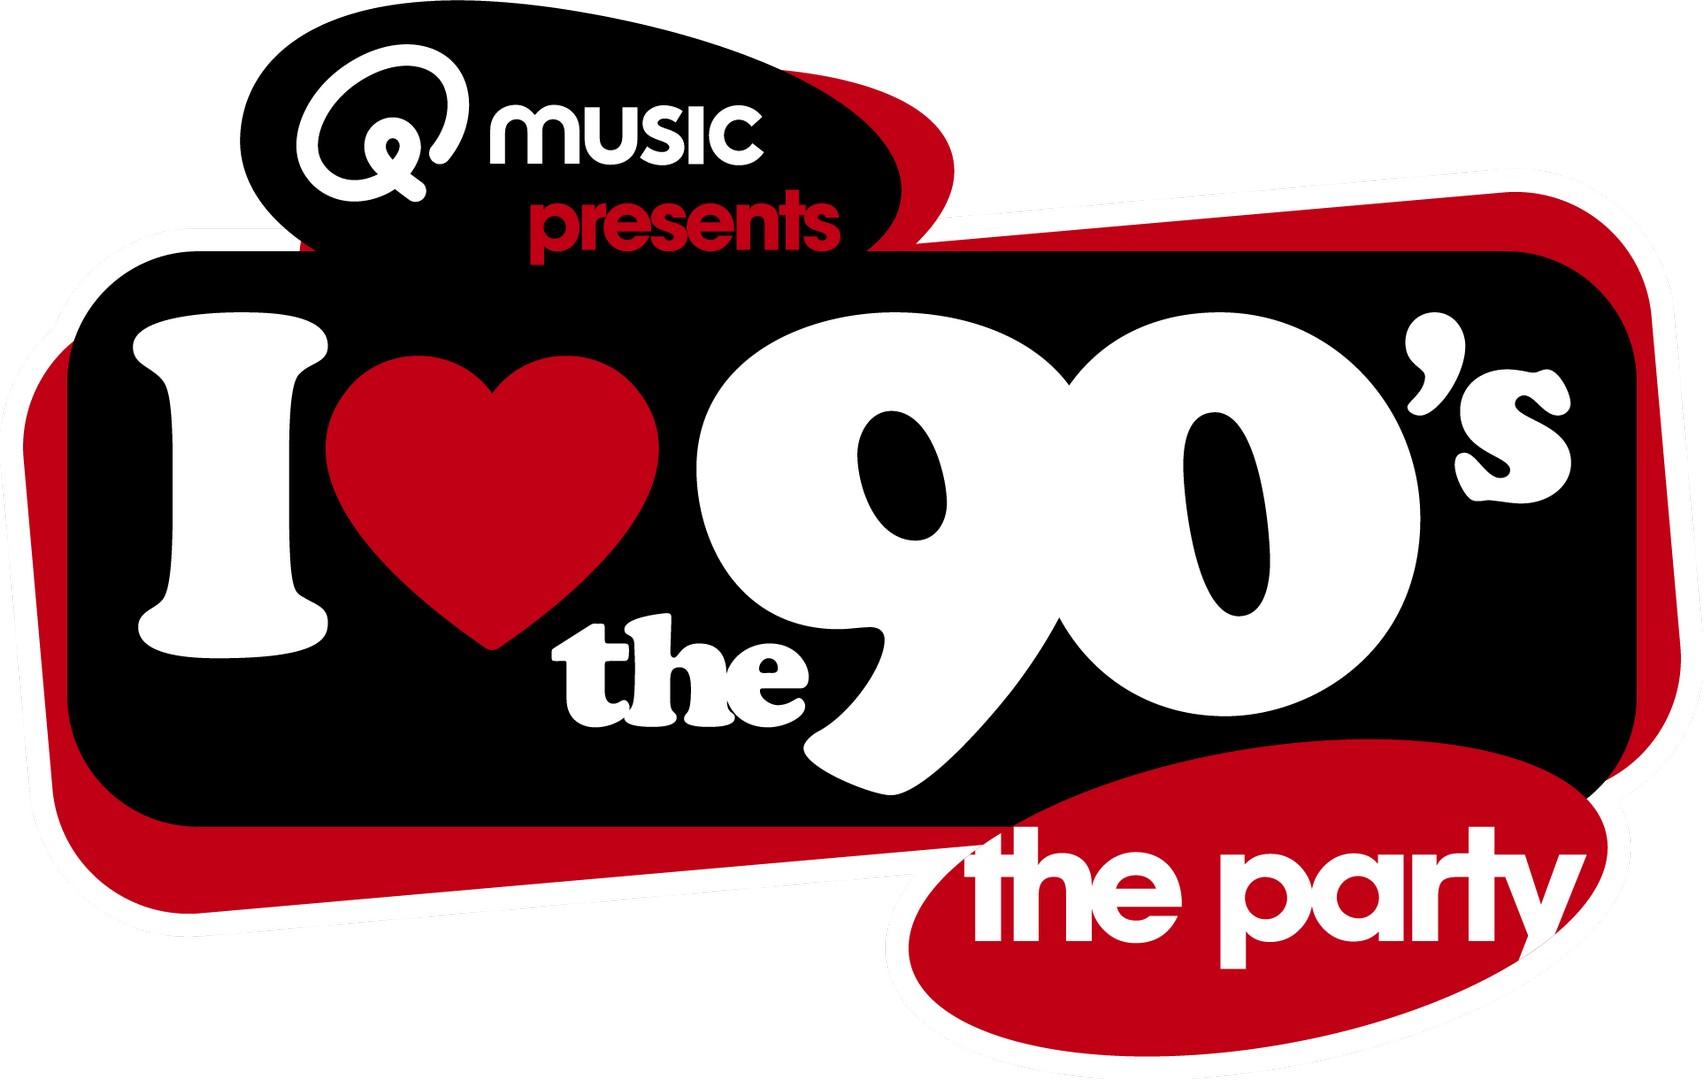 Met Vanilla Ice (Ice Ice Baby) en D-Devils is I love the 90's compleet - Logo I Love The 90s 2020